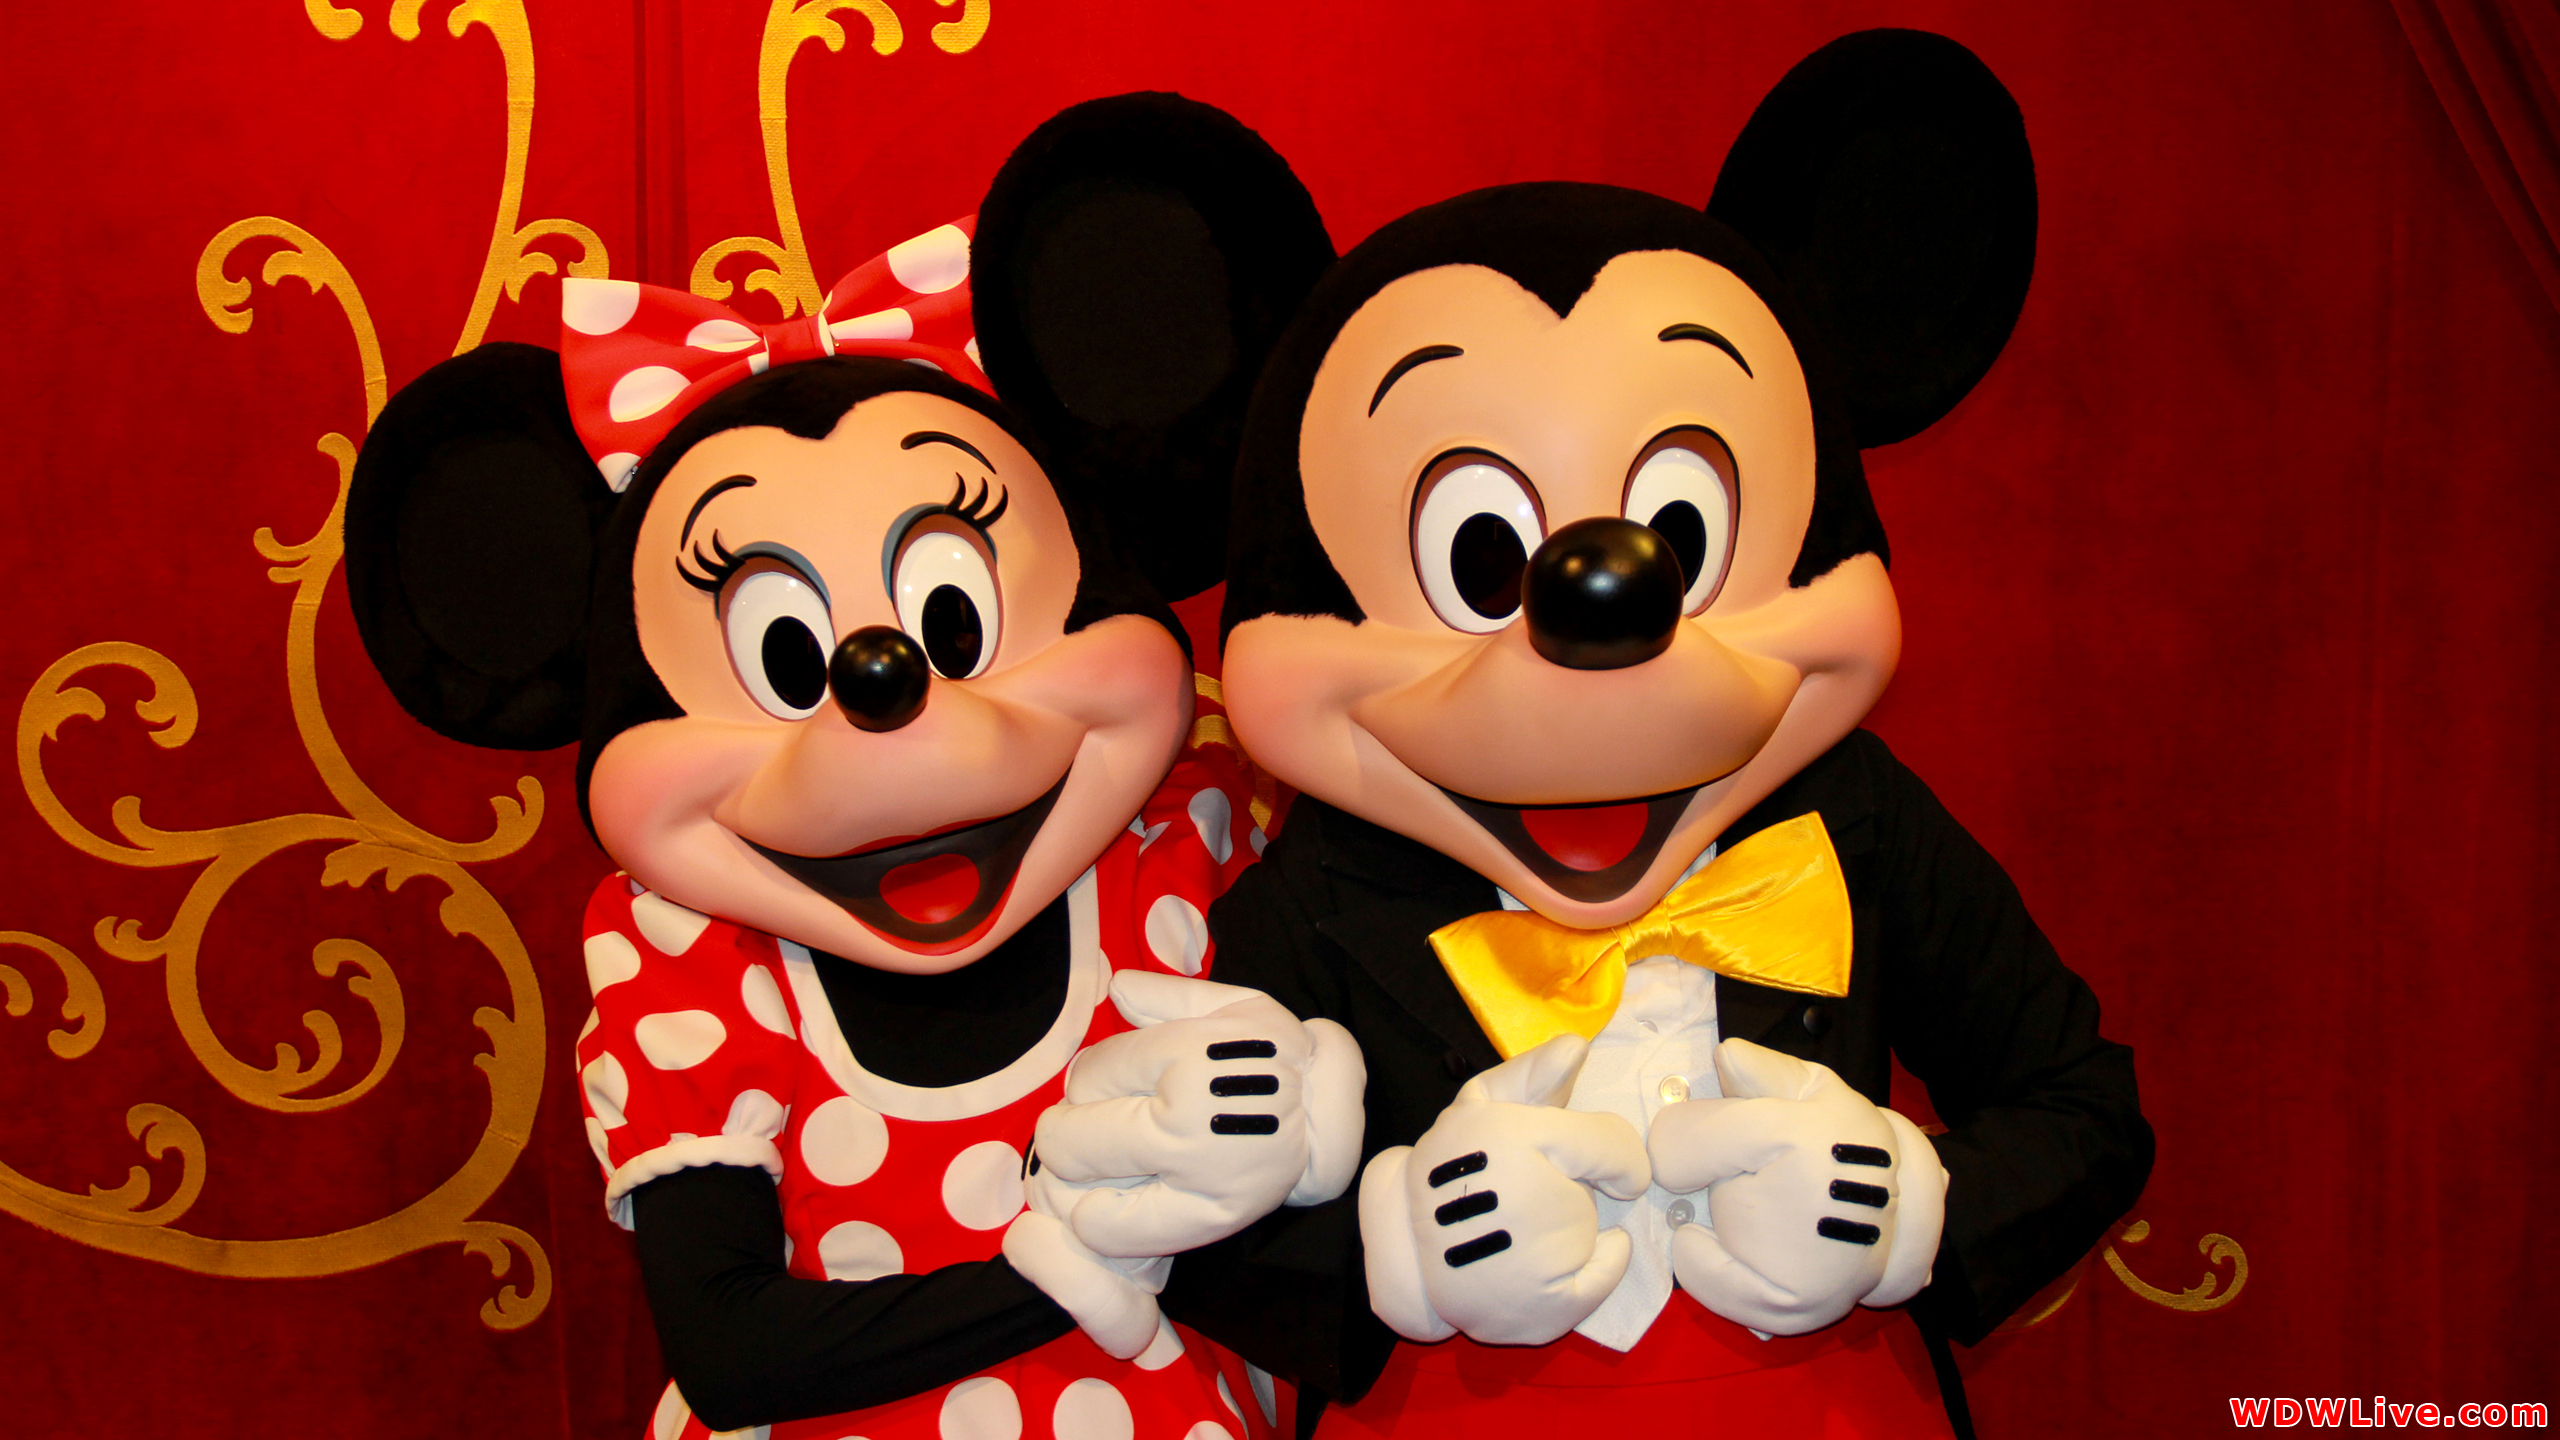 Minnie And Mickey Wallpaper Wallpapersafari